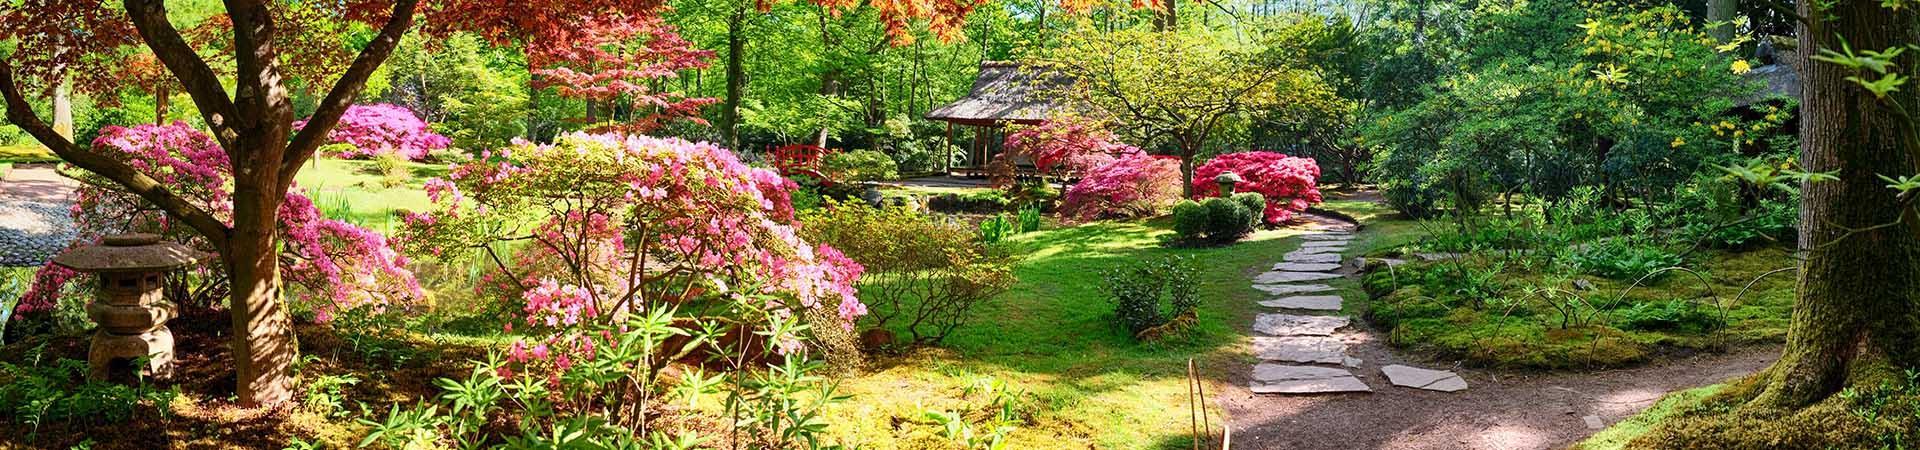 Entretien d'espaces verts et espaces naturels